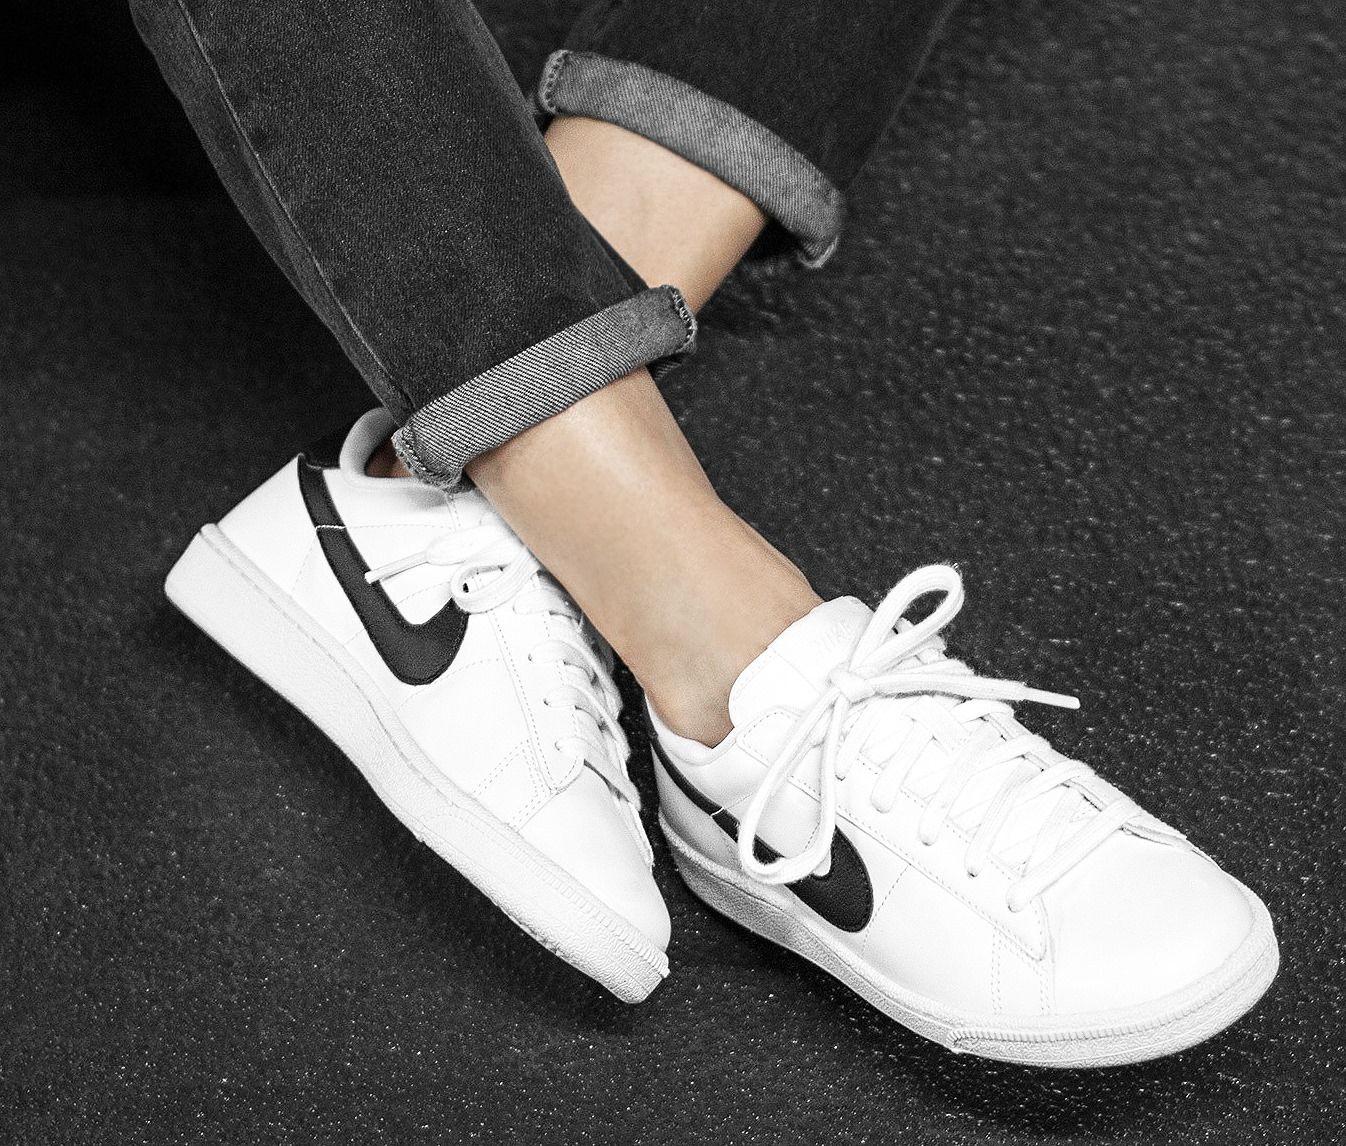 Kennt ihr schon die Nike Tennis Classic Modelle? Hier entdecken und